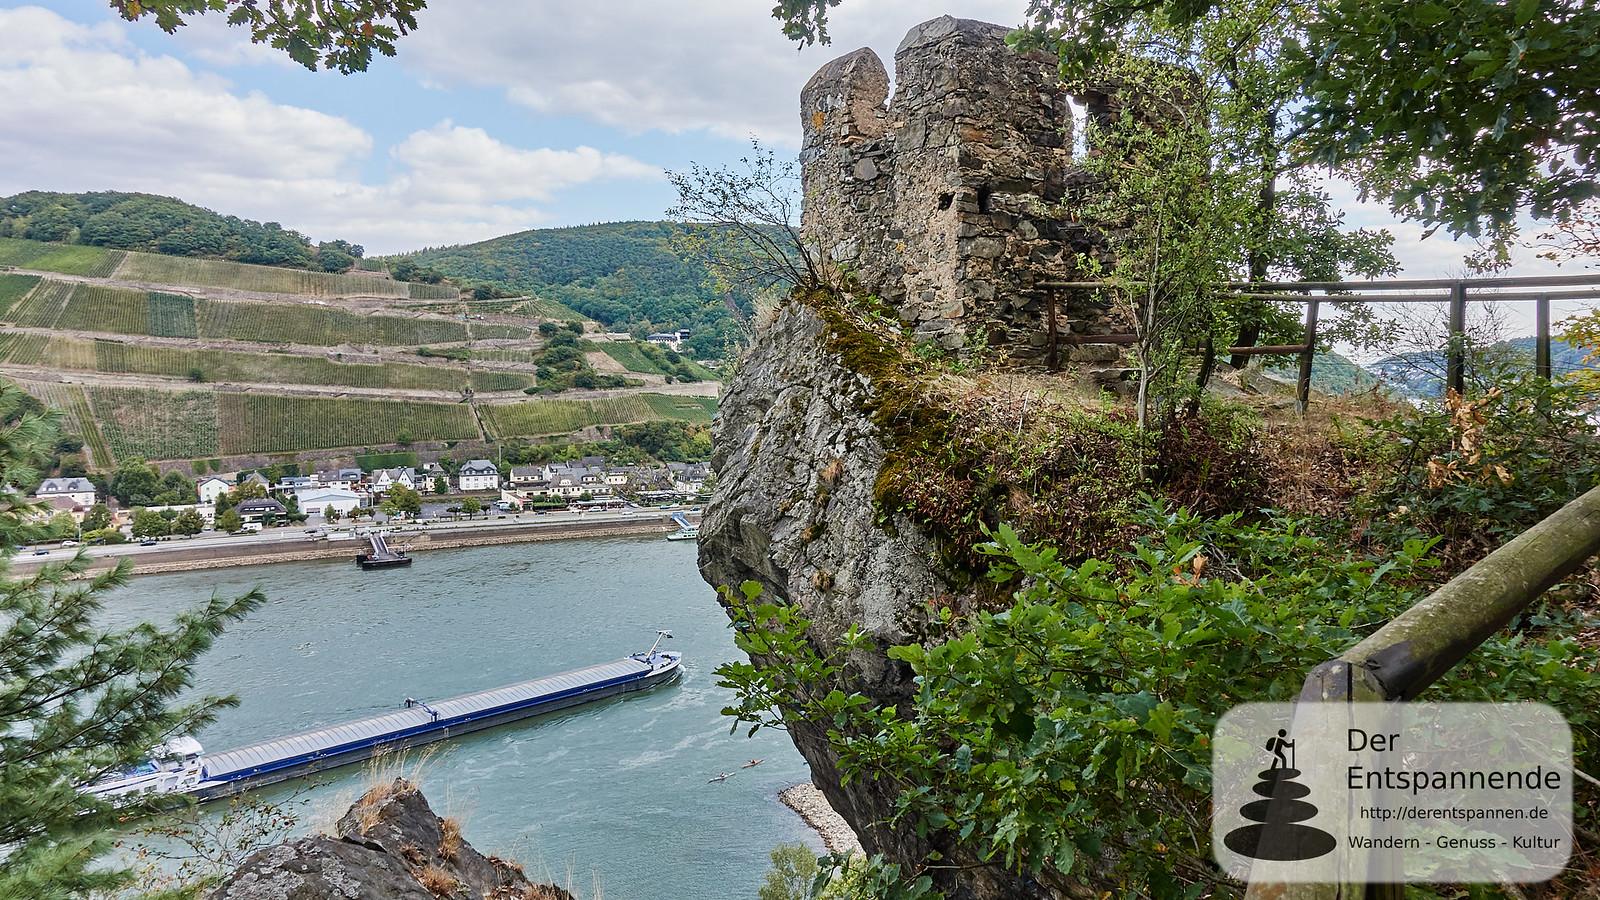 Turm gegenüber von Assmannshausen